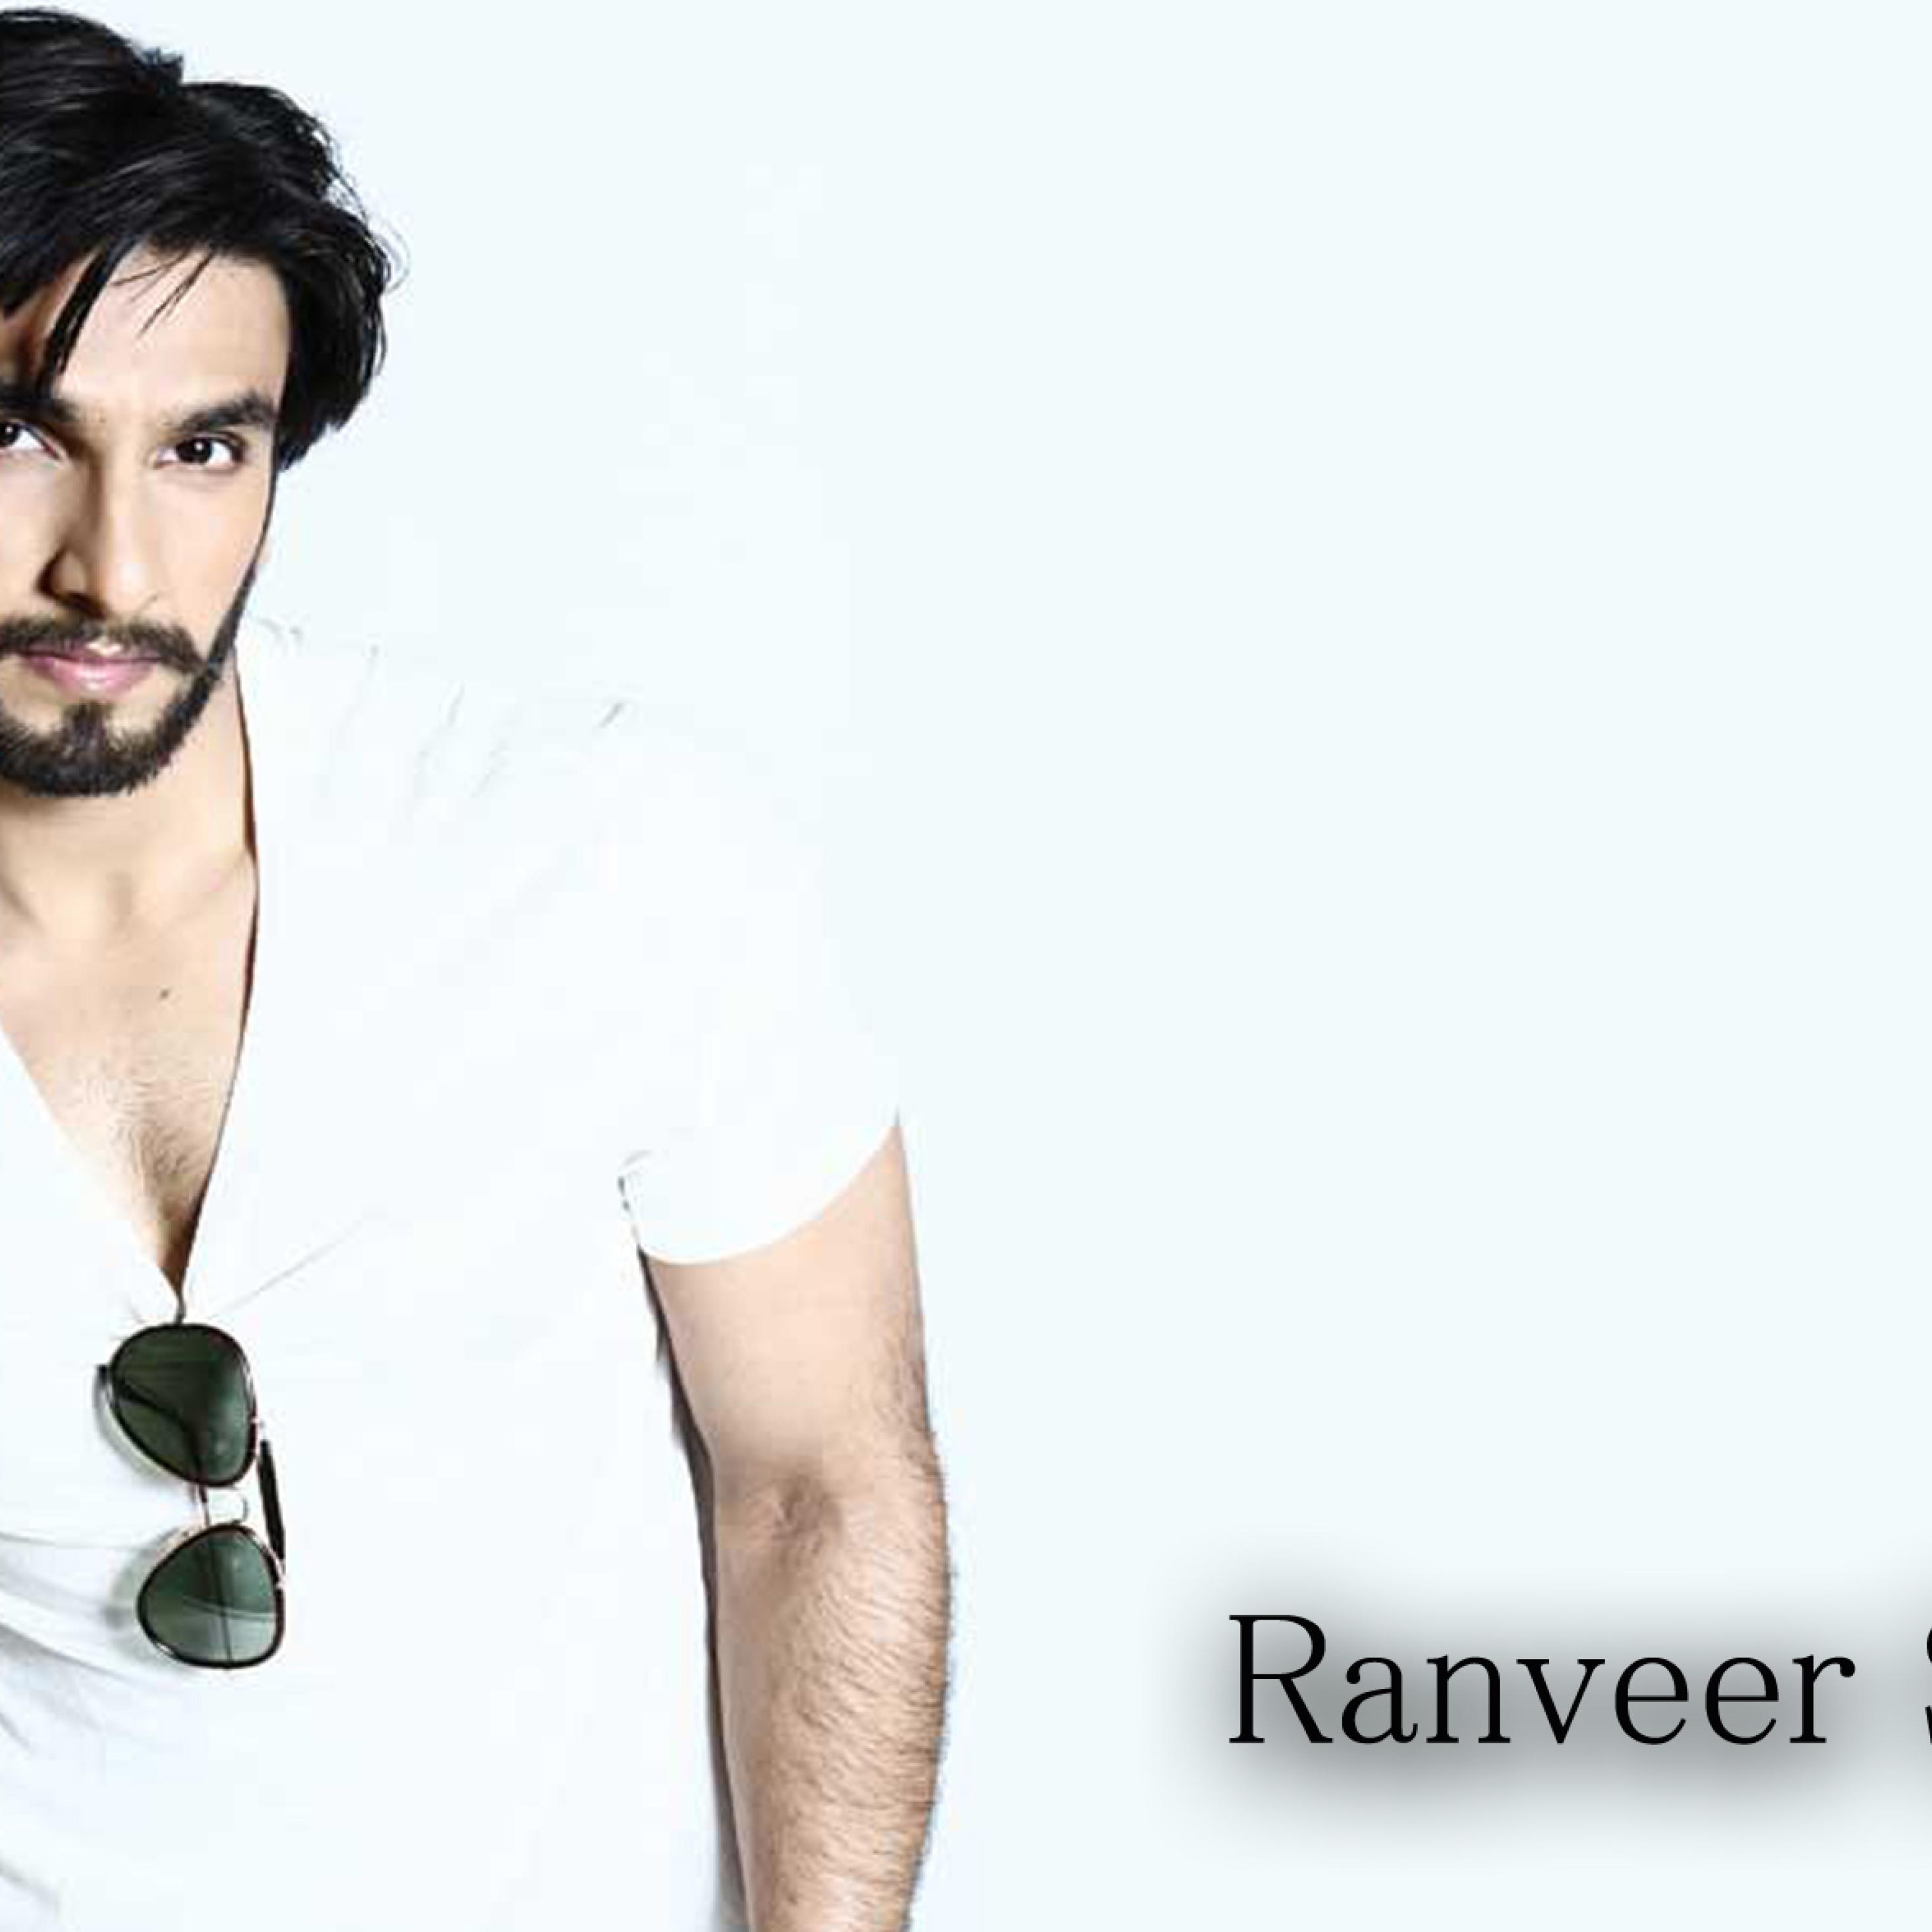 Ranveer singh photoshoot full hd wallpaper - Ranveer singh images download ...